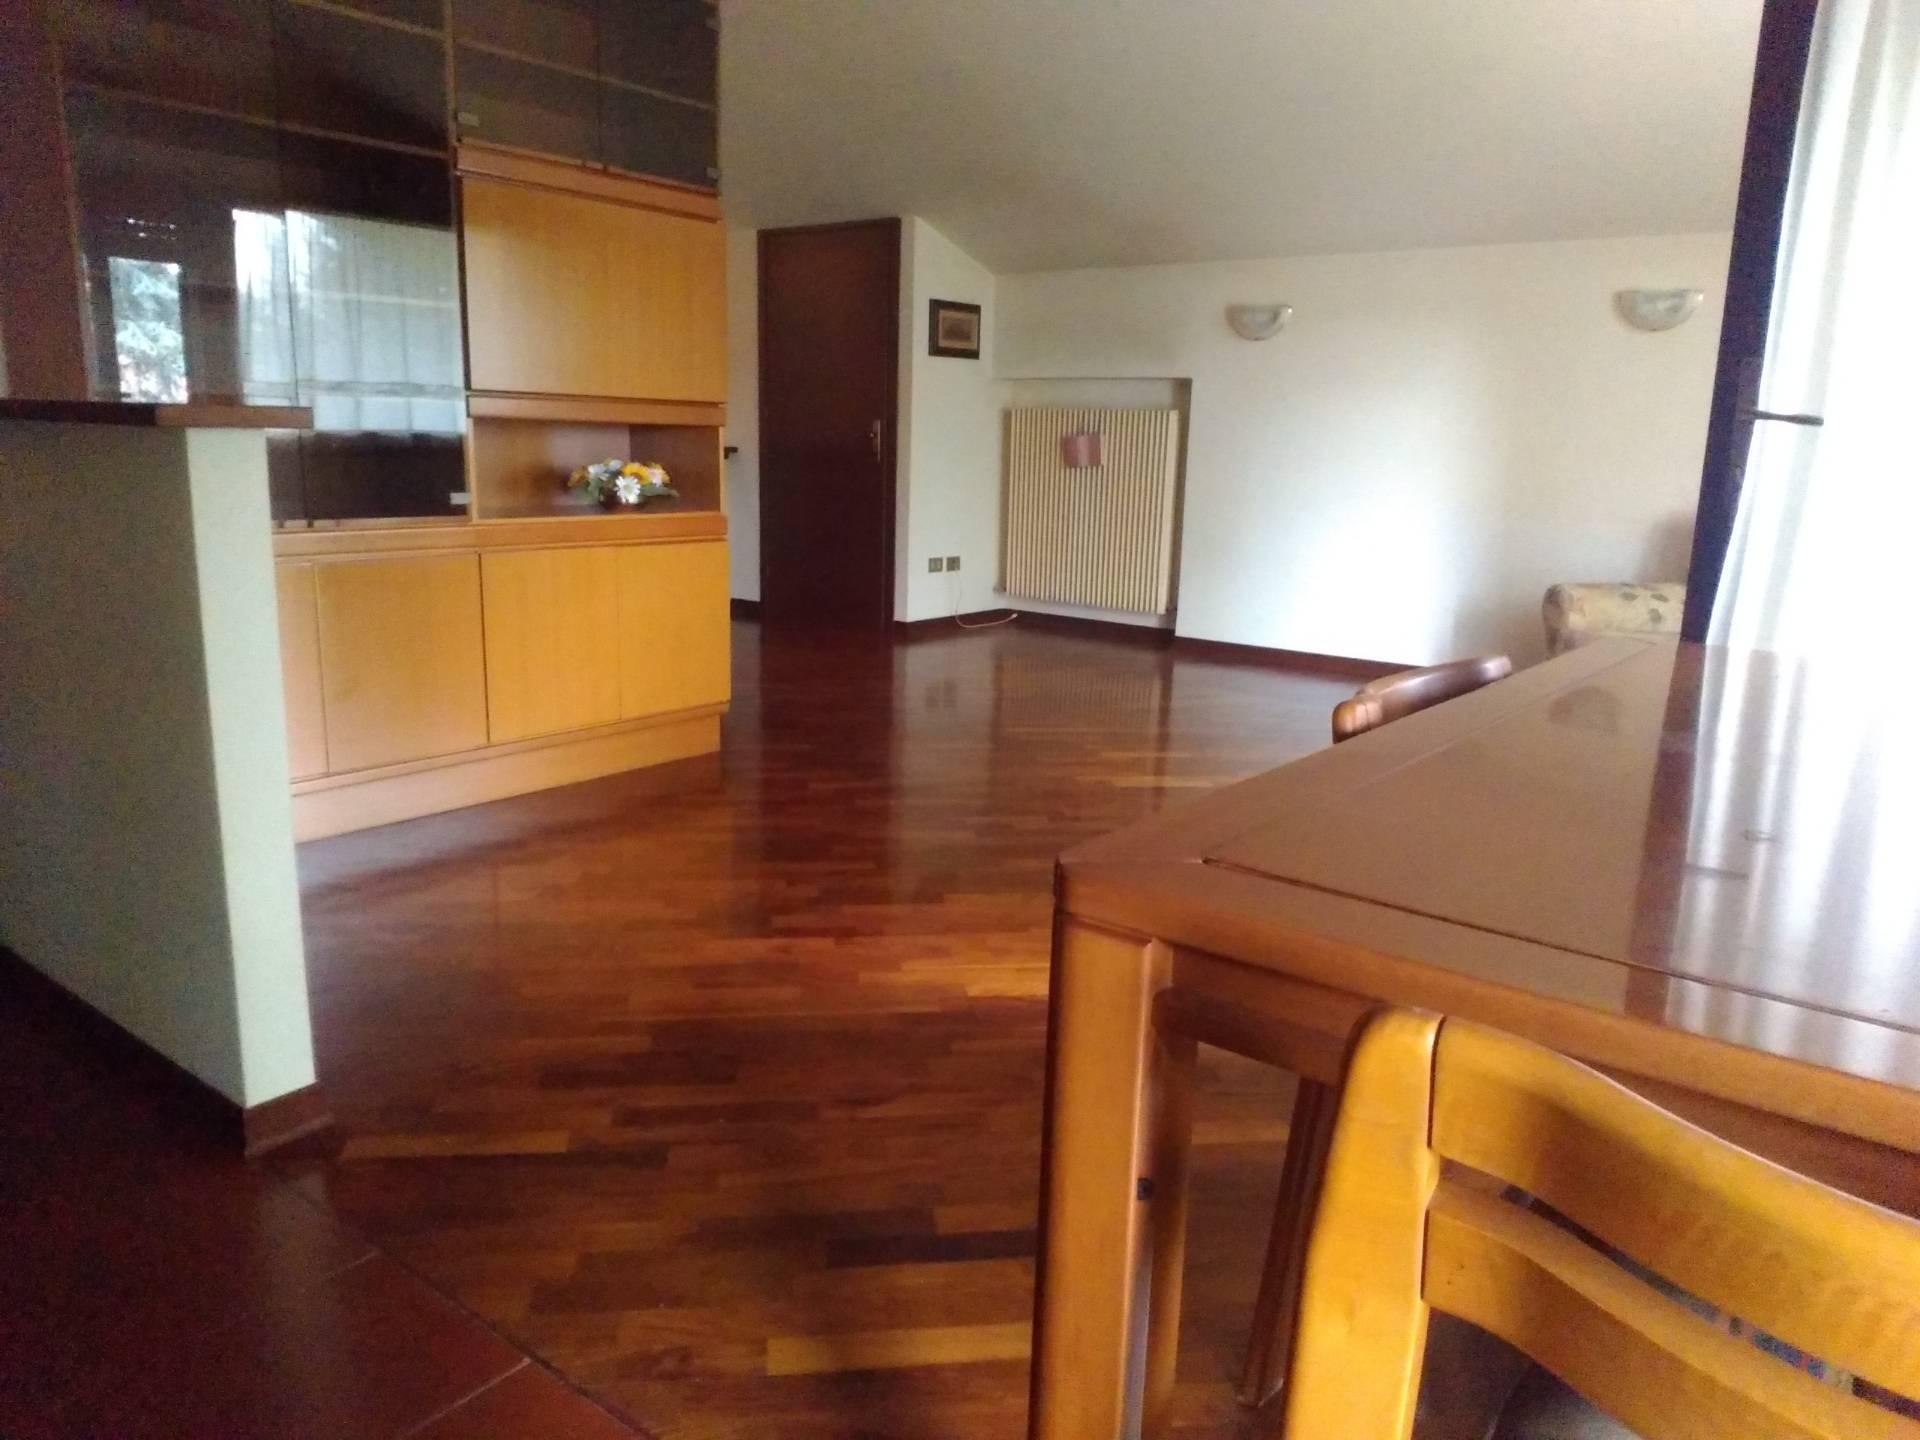 Appartamento in affitto a Martignacco, 4 locali, prezzo € 450 | CambioCasa.it